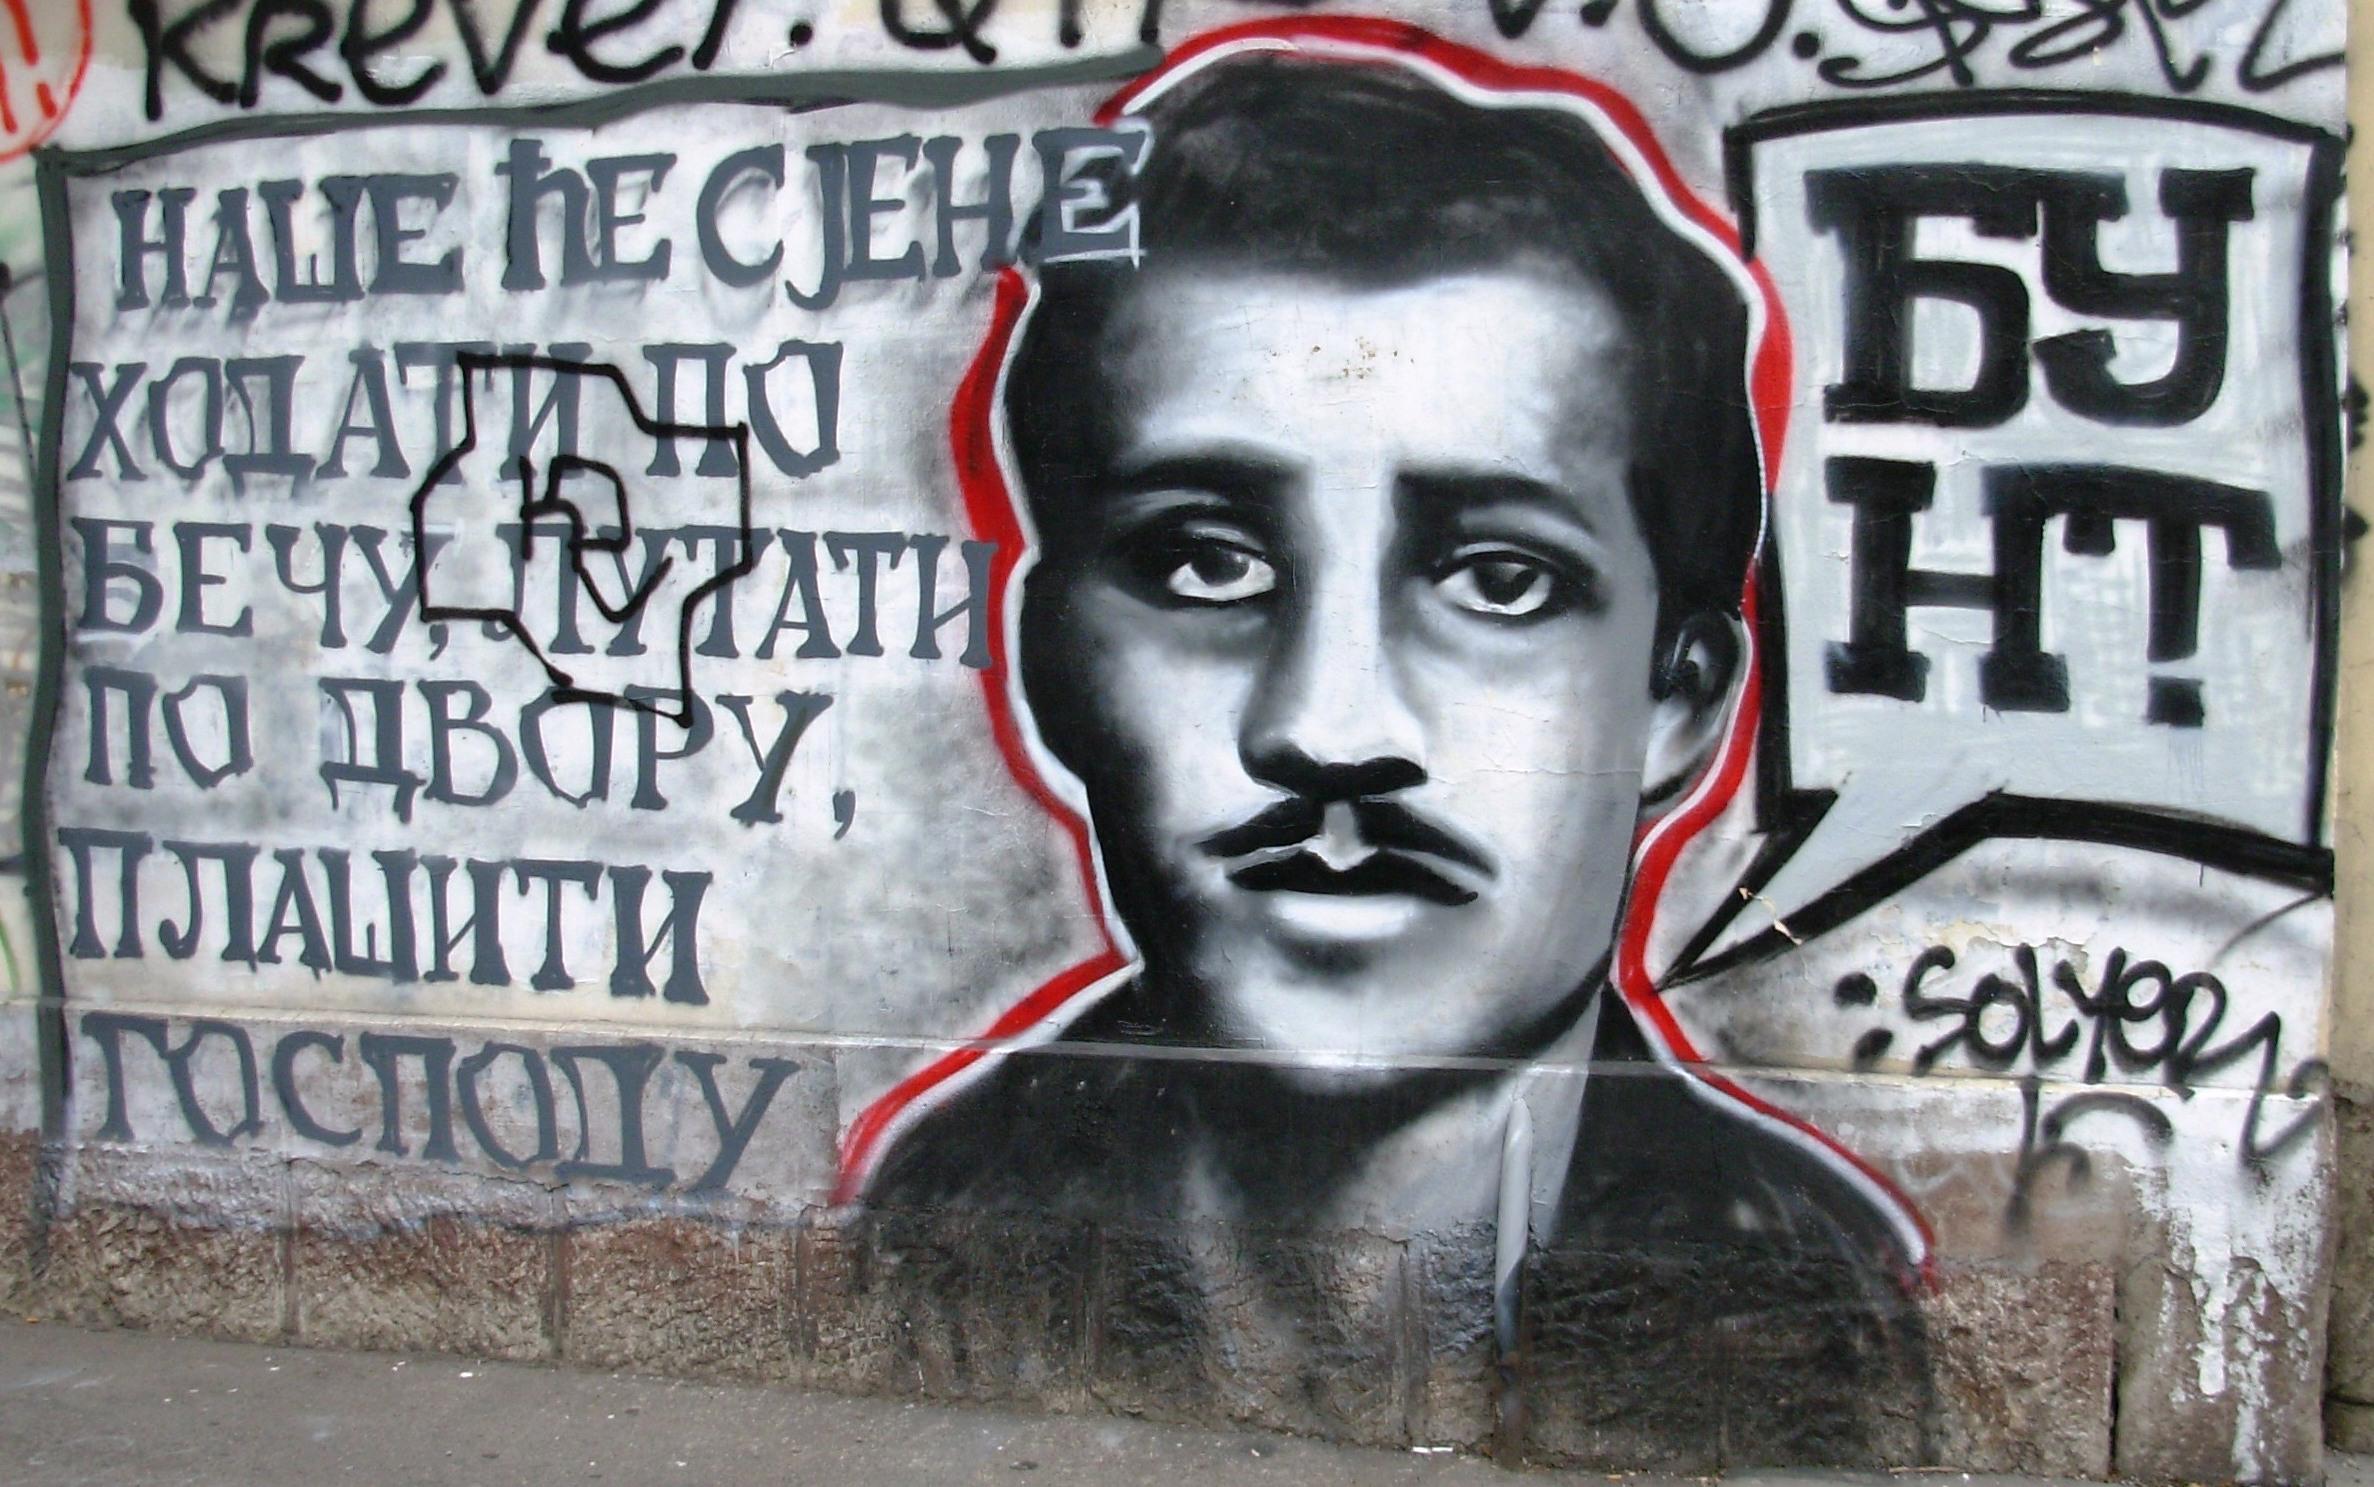 [Image: Princip_Gavrilo_grafit.jpg]